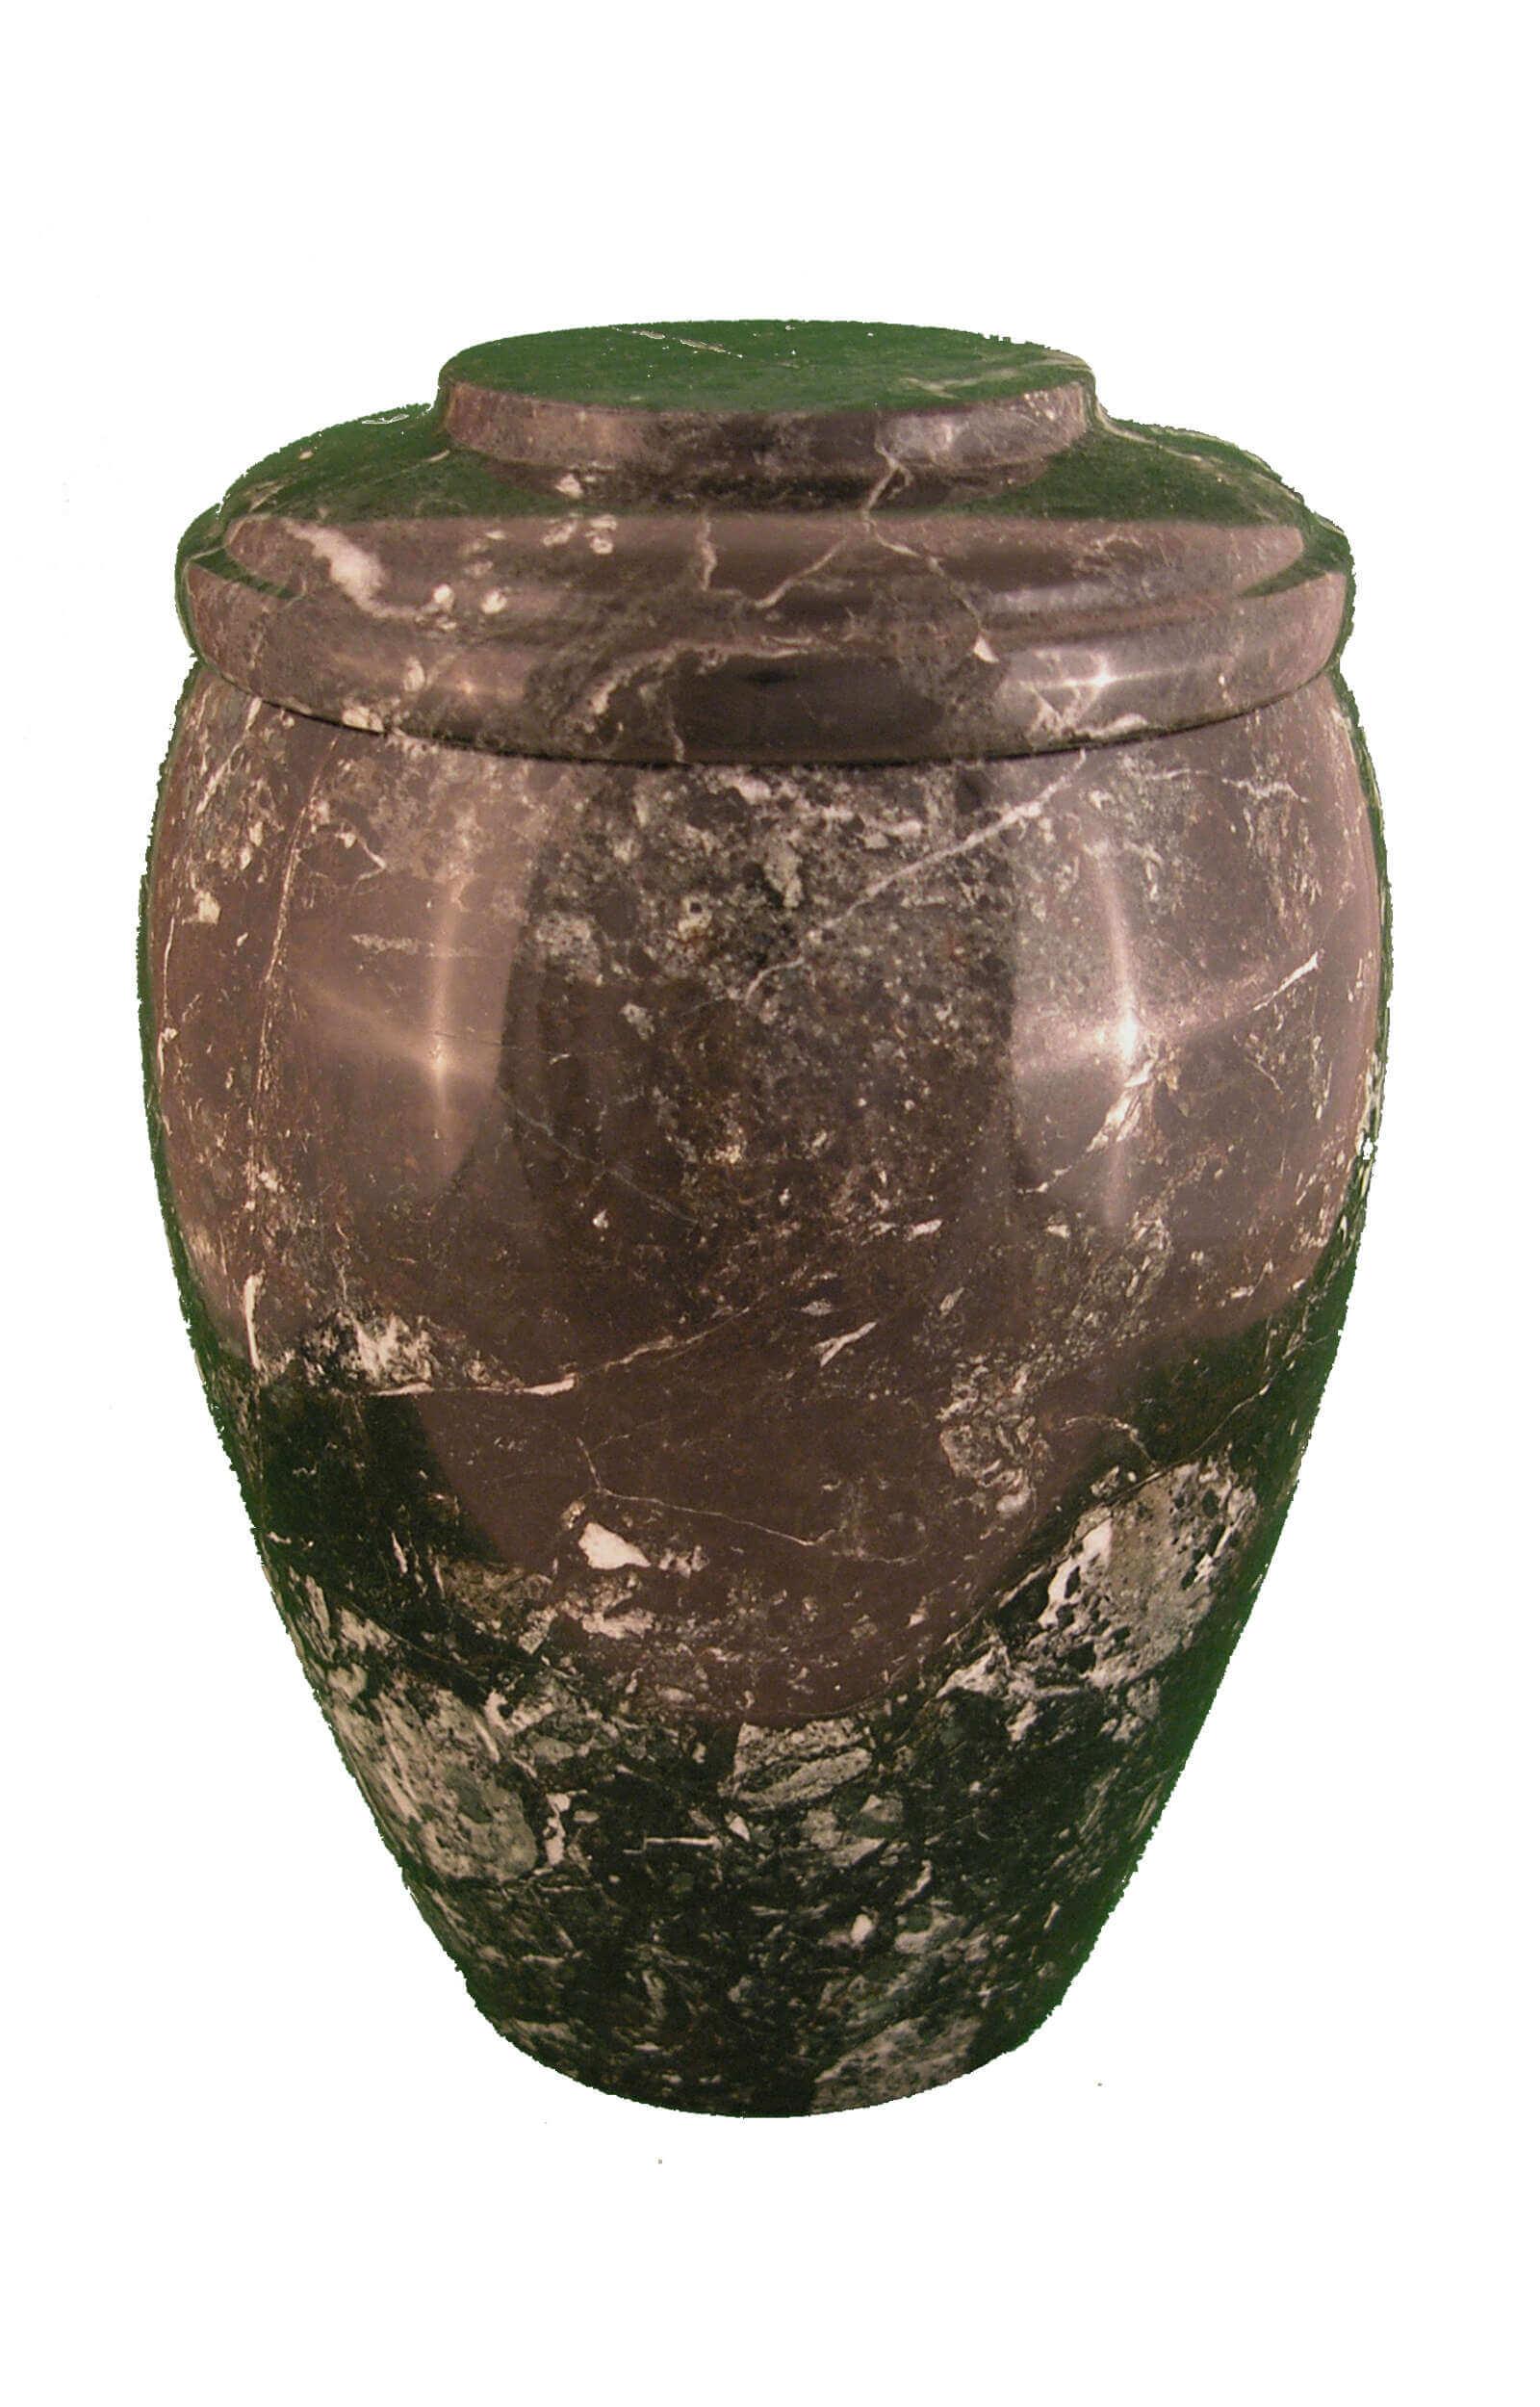 en MA2968 Black Zebra marbel urn for human ashes black white funeral urns on sale